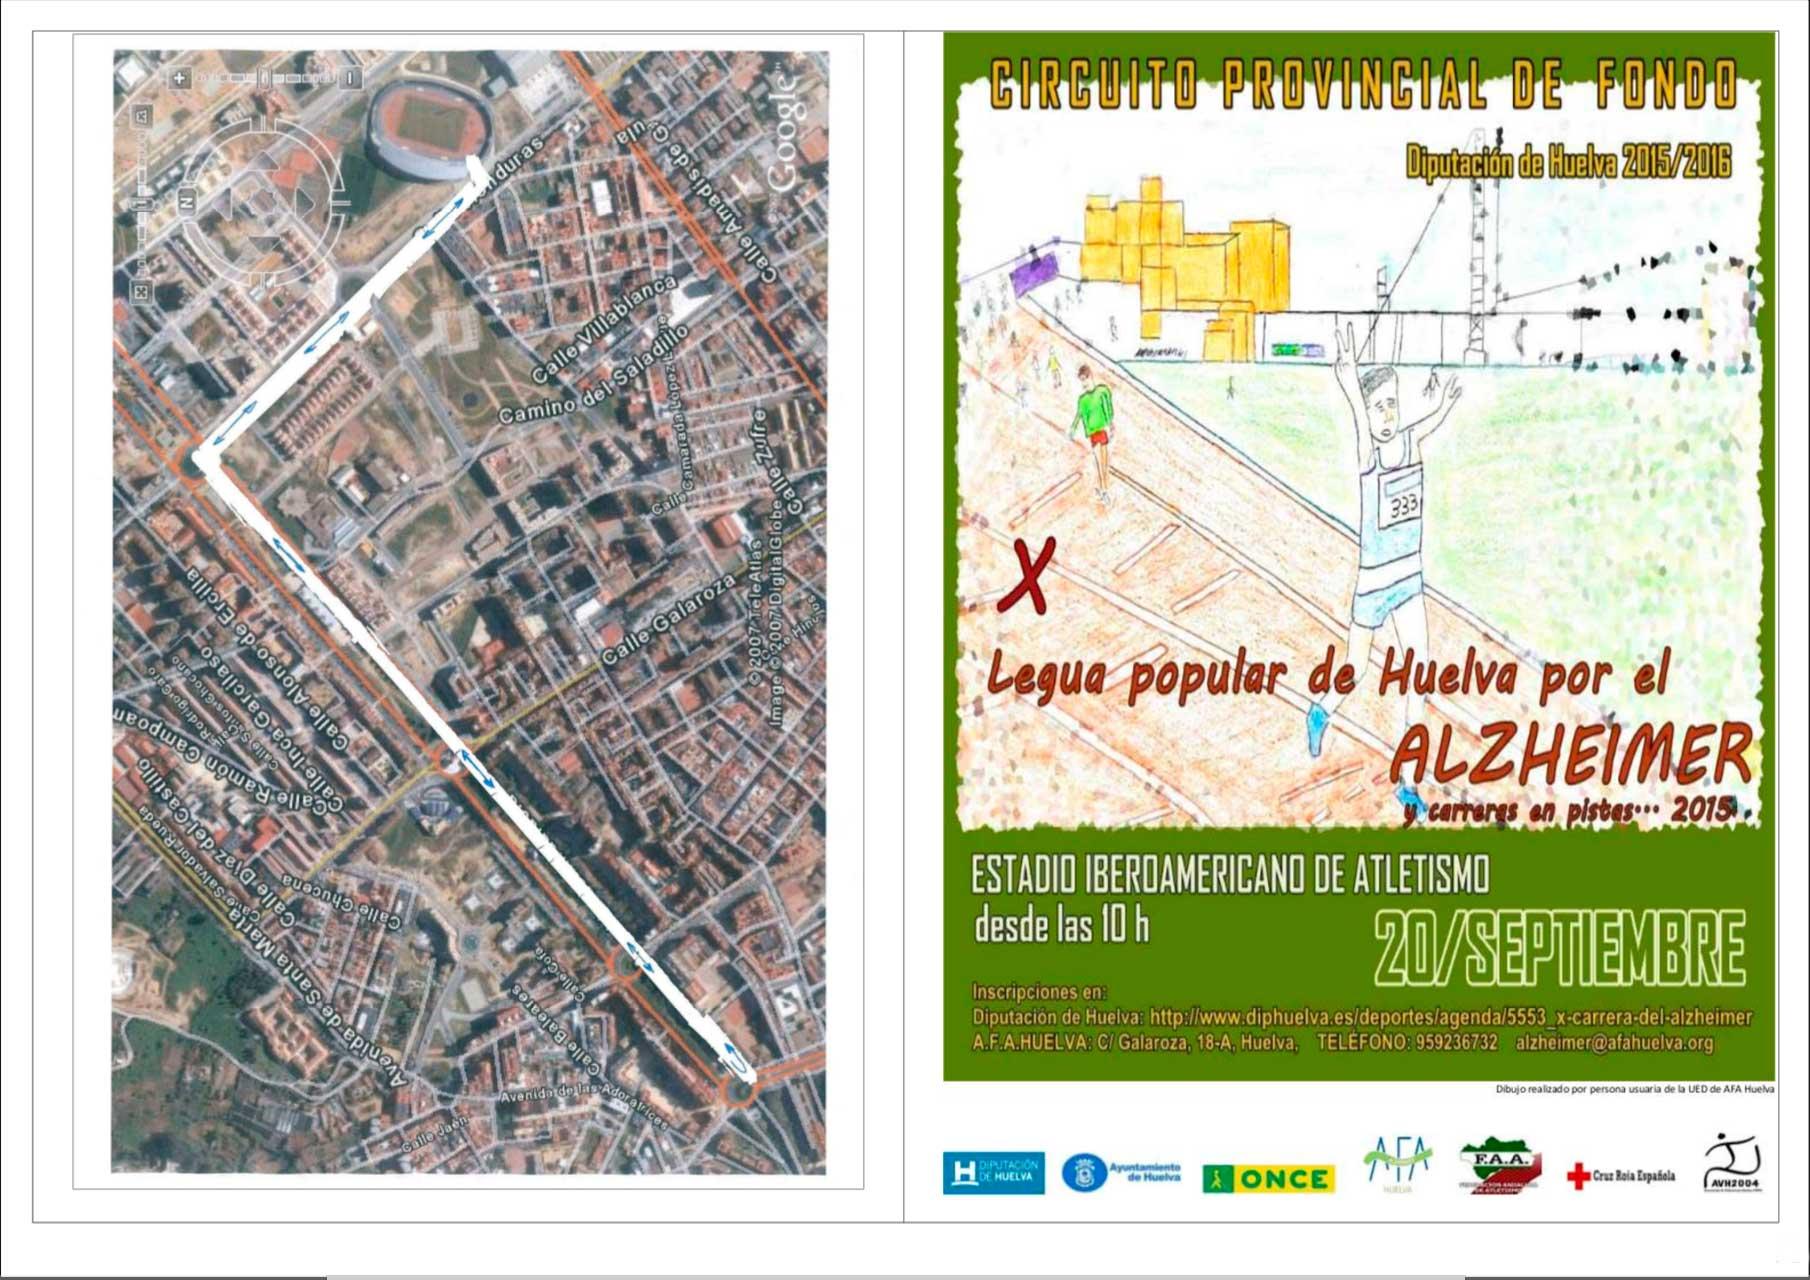 La Capital Onubense acoge la X Legua Popular de Huelva por el Alzheimer 2015